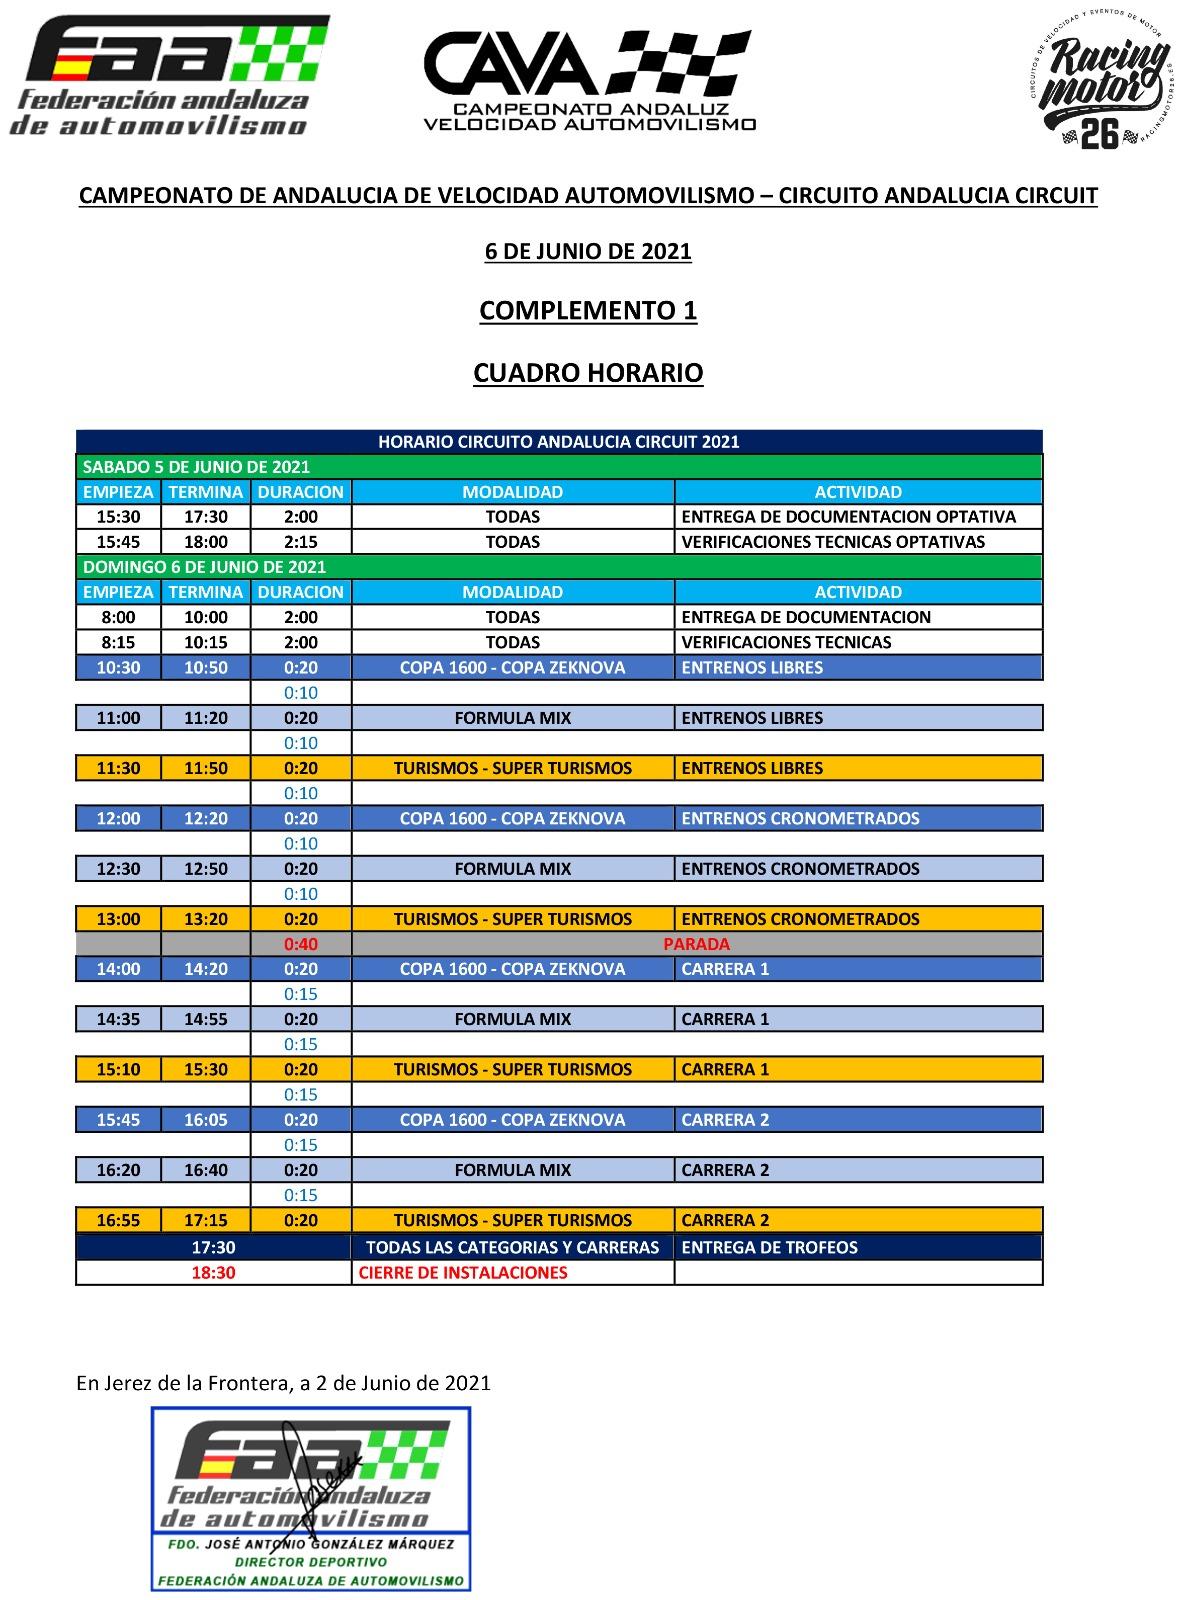 Horarios Campeonato Andaluz Velocidad Automovilismo - Almería